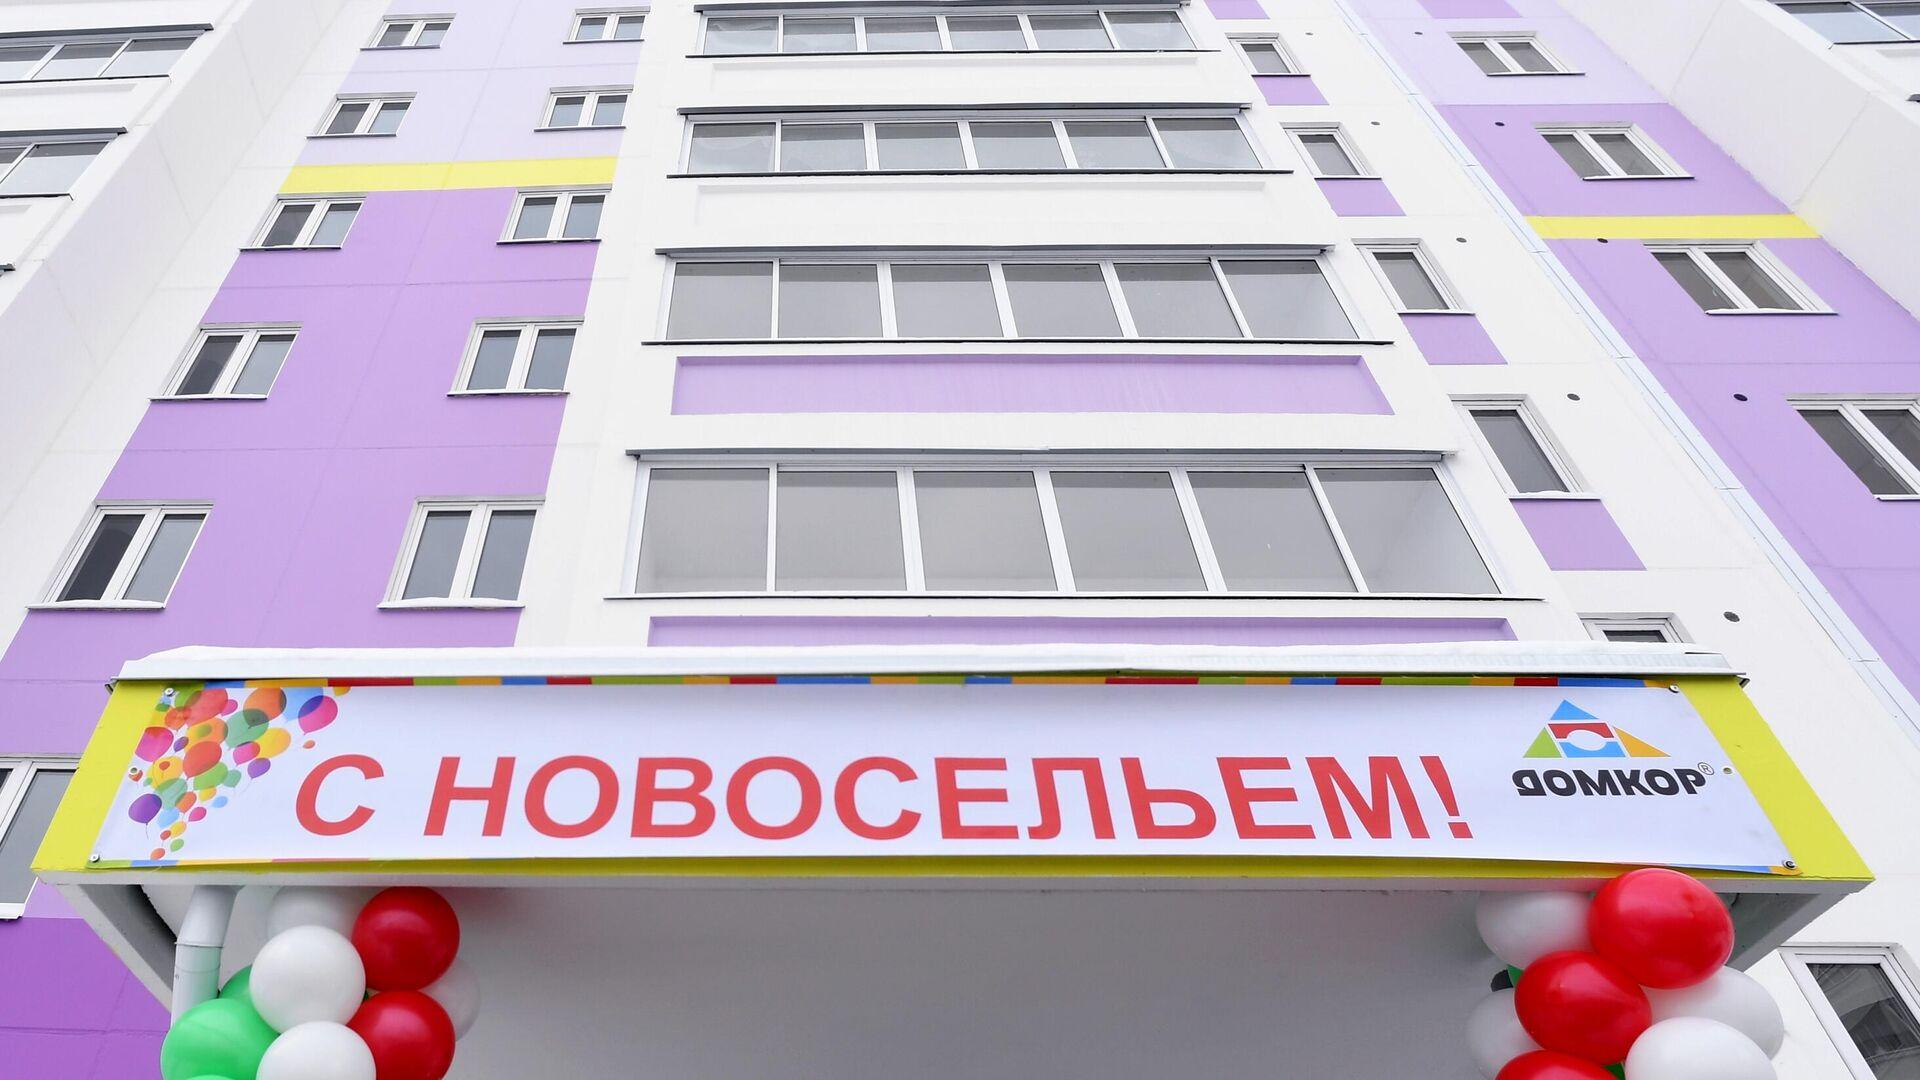 Новый дом, построенный по программе социальной ипотеки в Набережных Челнах - РИА Новости, 1920, 17.06.2021